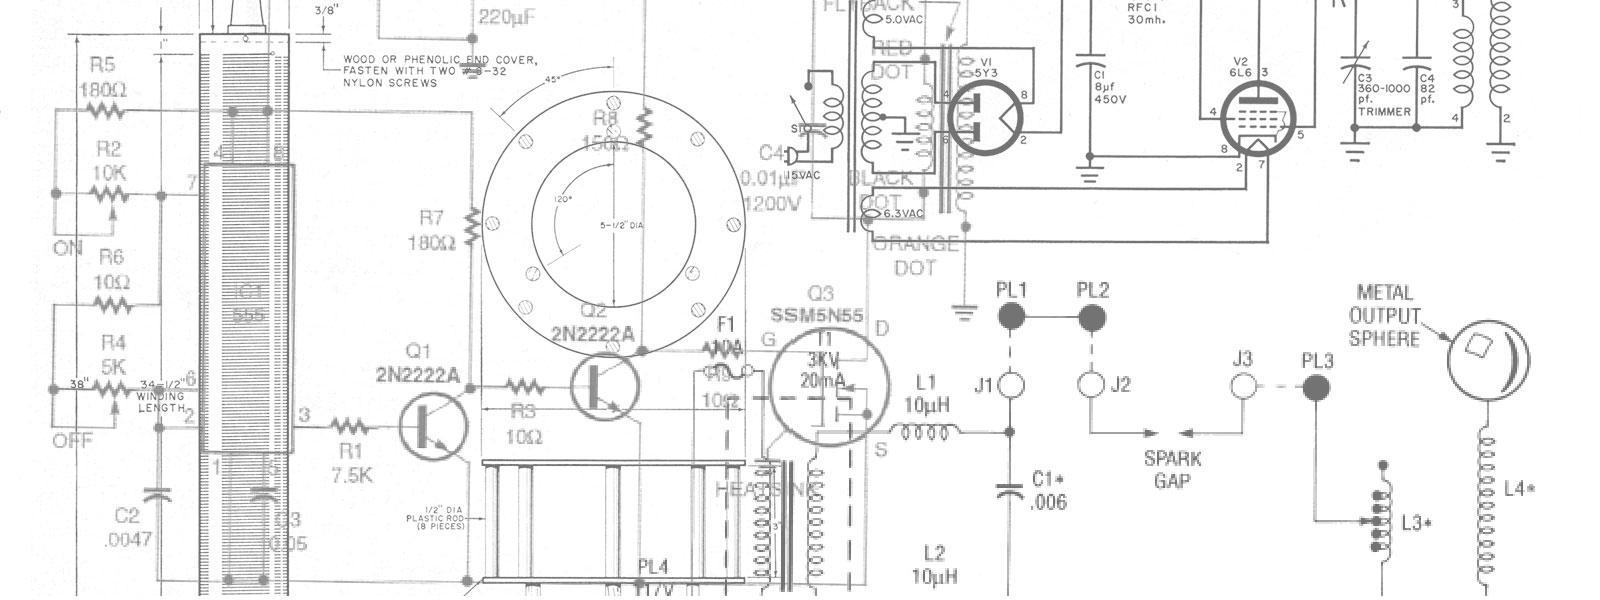 andsatellitewiringdiagramsatellitewiringdiagramhdsatellite newtesla coil circuit diagram further tesla coil circuit diagramconstruction and testing of a bipolar tesla coil